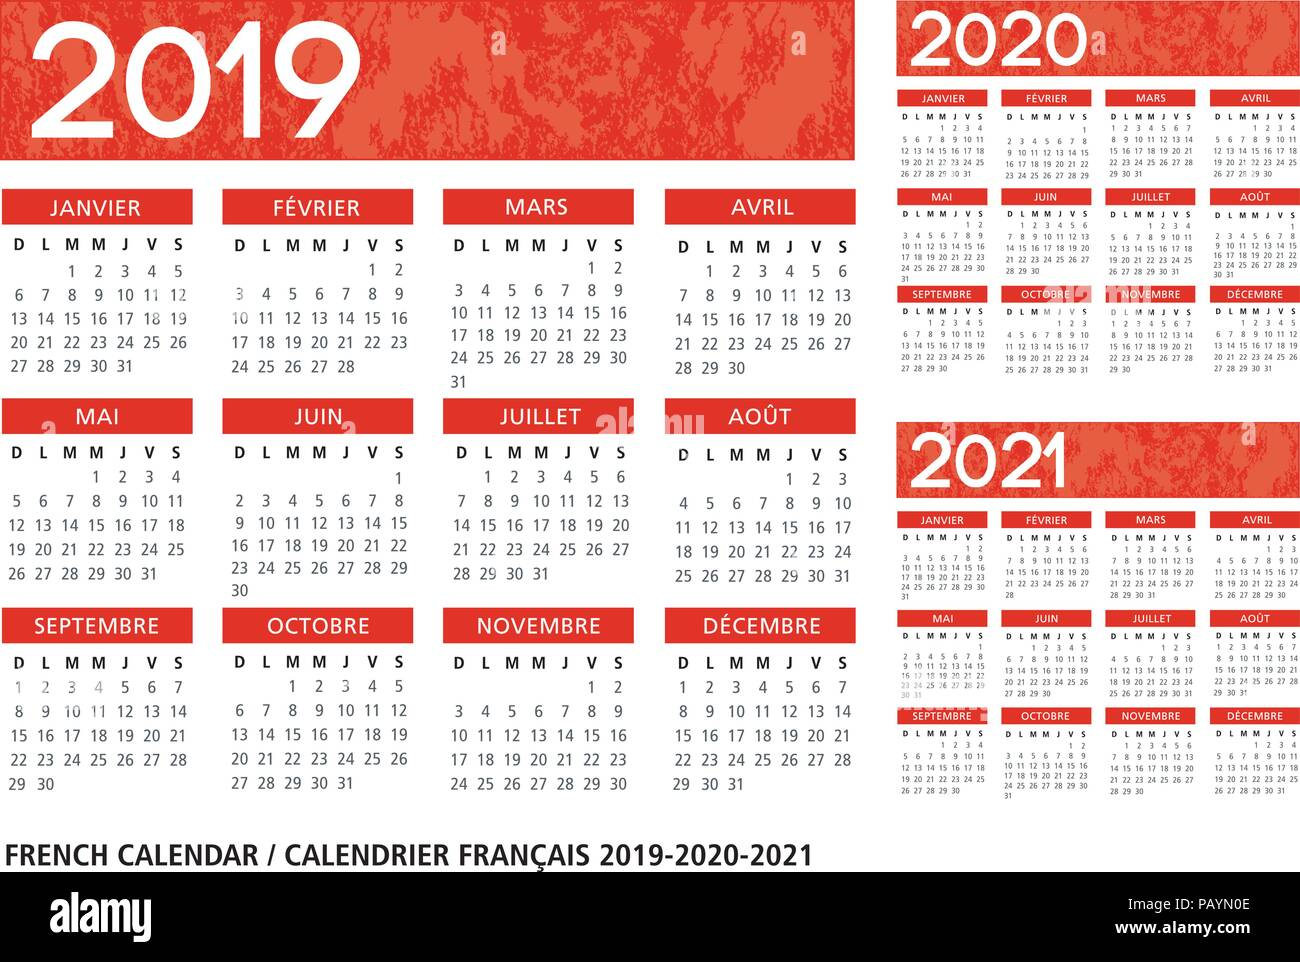 Calendario Frances.Idioma Frances Con Textura Naranja Calendario 2019 2020 2021